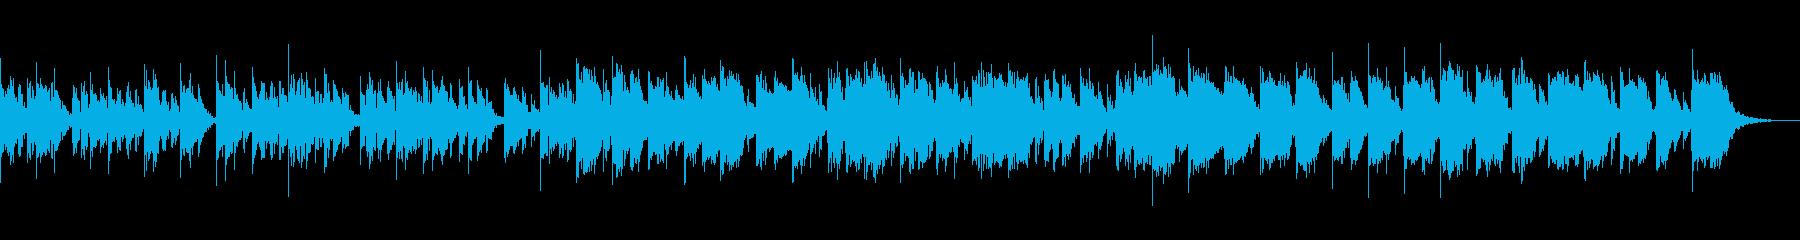 広がりのある安らぎサウンドの再生済みの波形